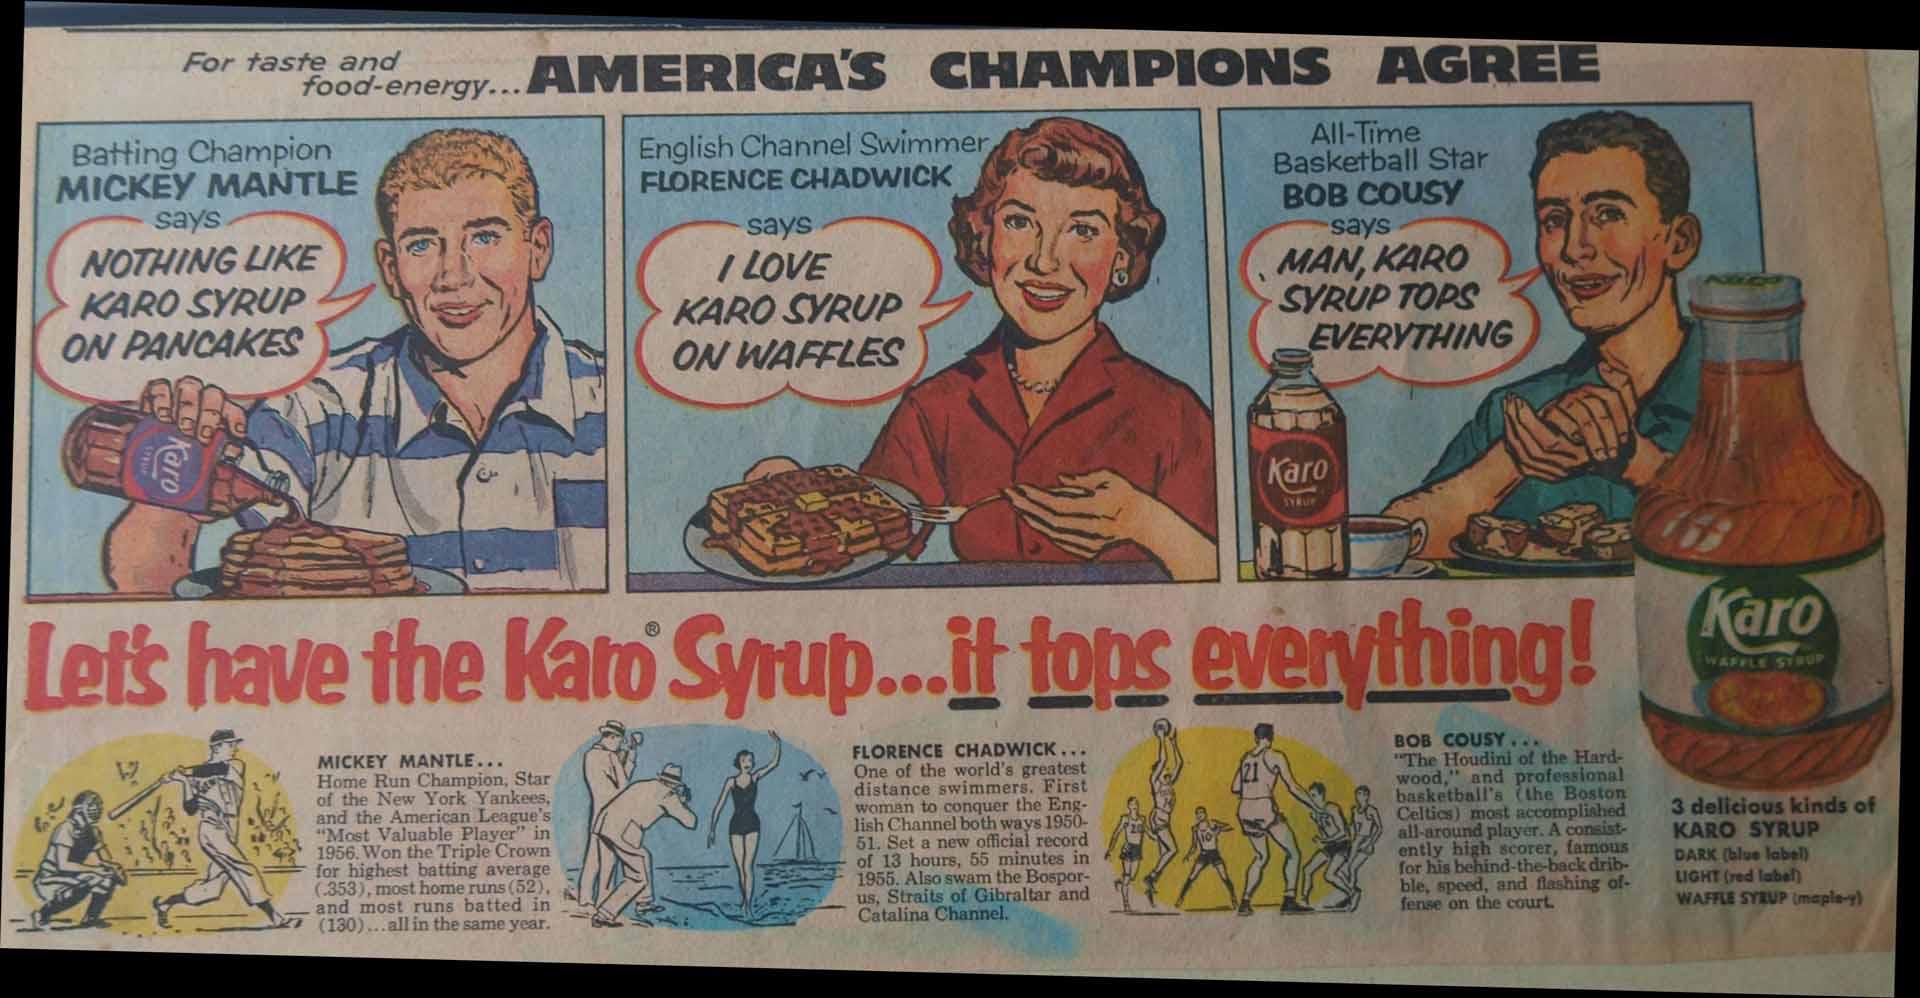 1957 unknown newspaper 03/24